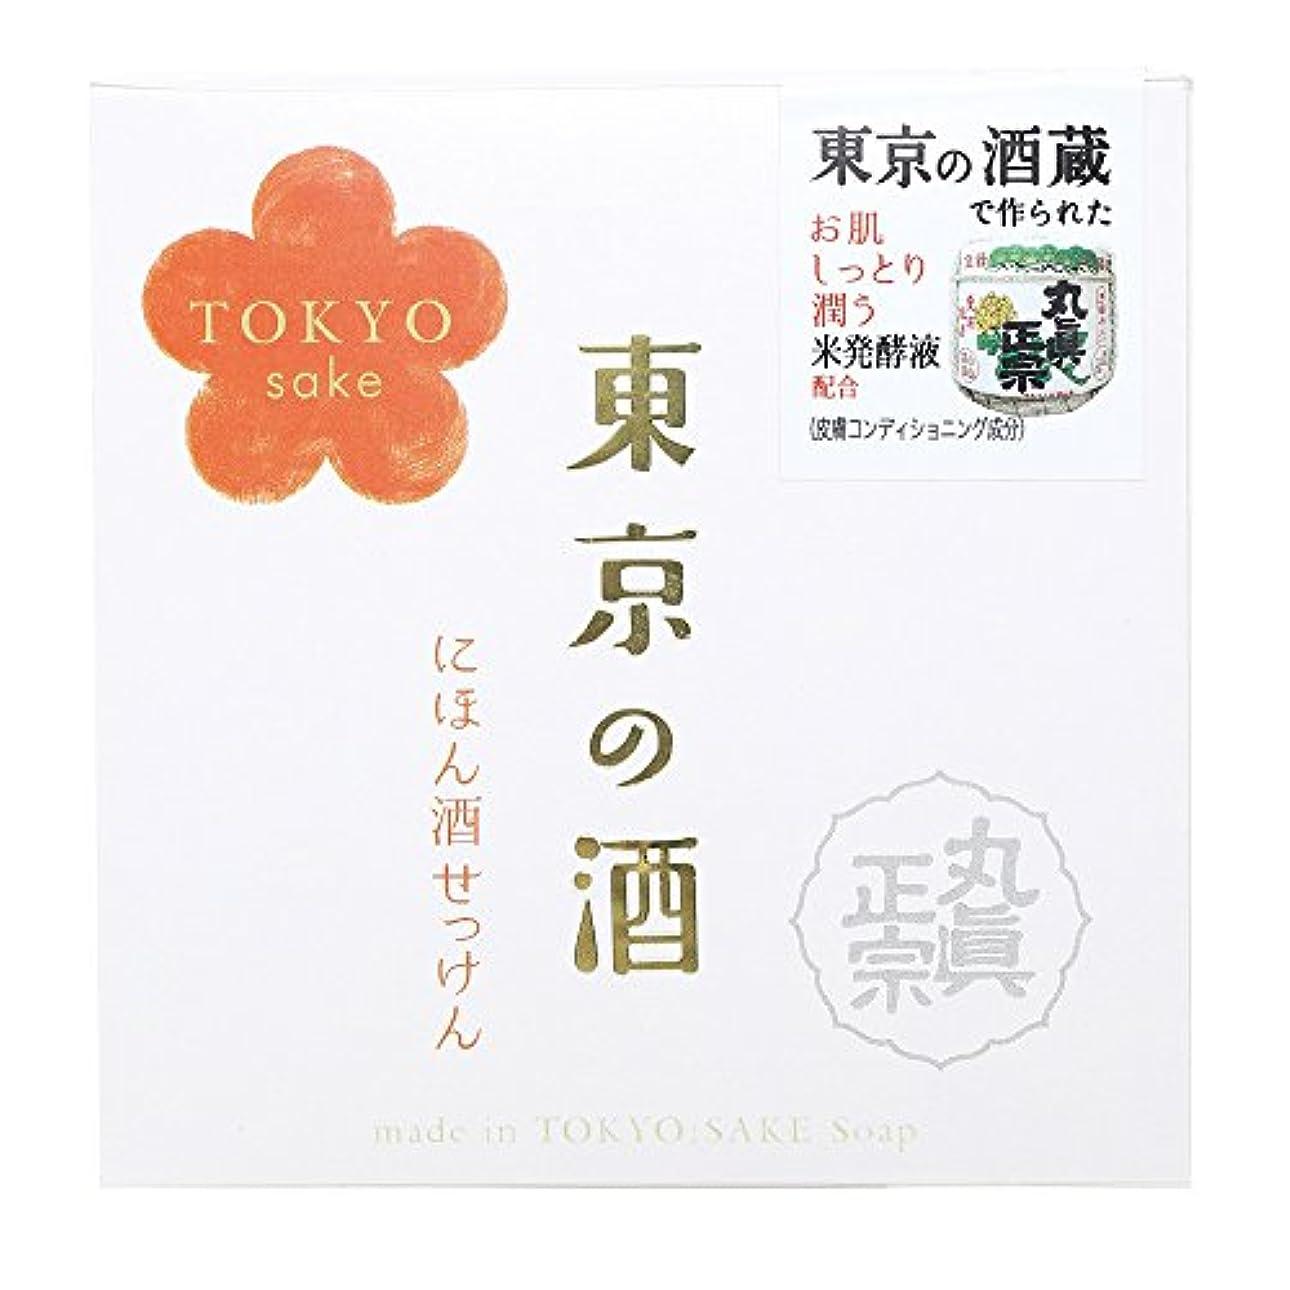 経済推進力イデオロギーノルコーポレーション 東京の酒 石けん OB-TKY-1-1 100g